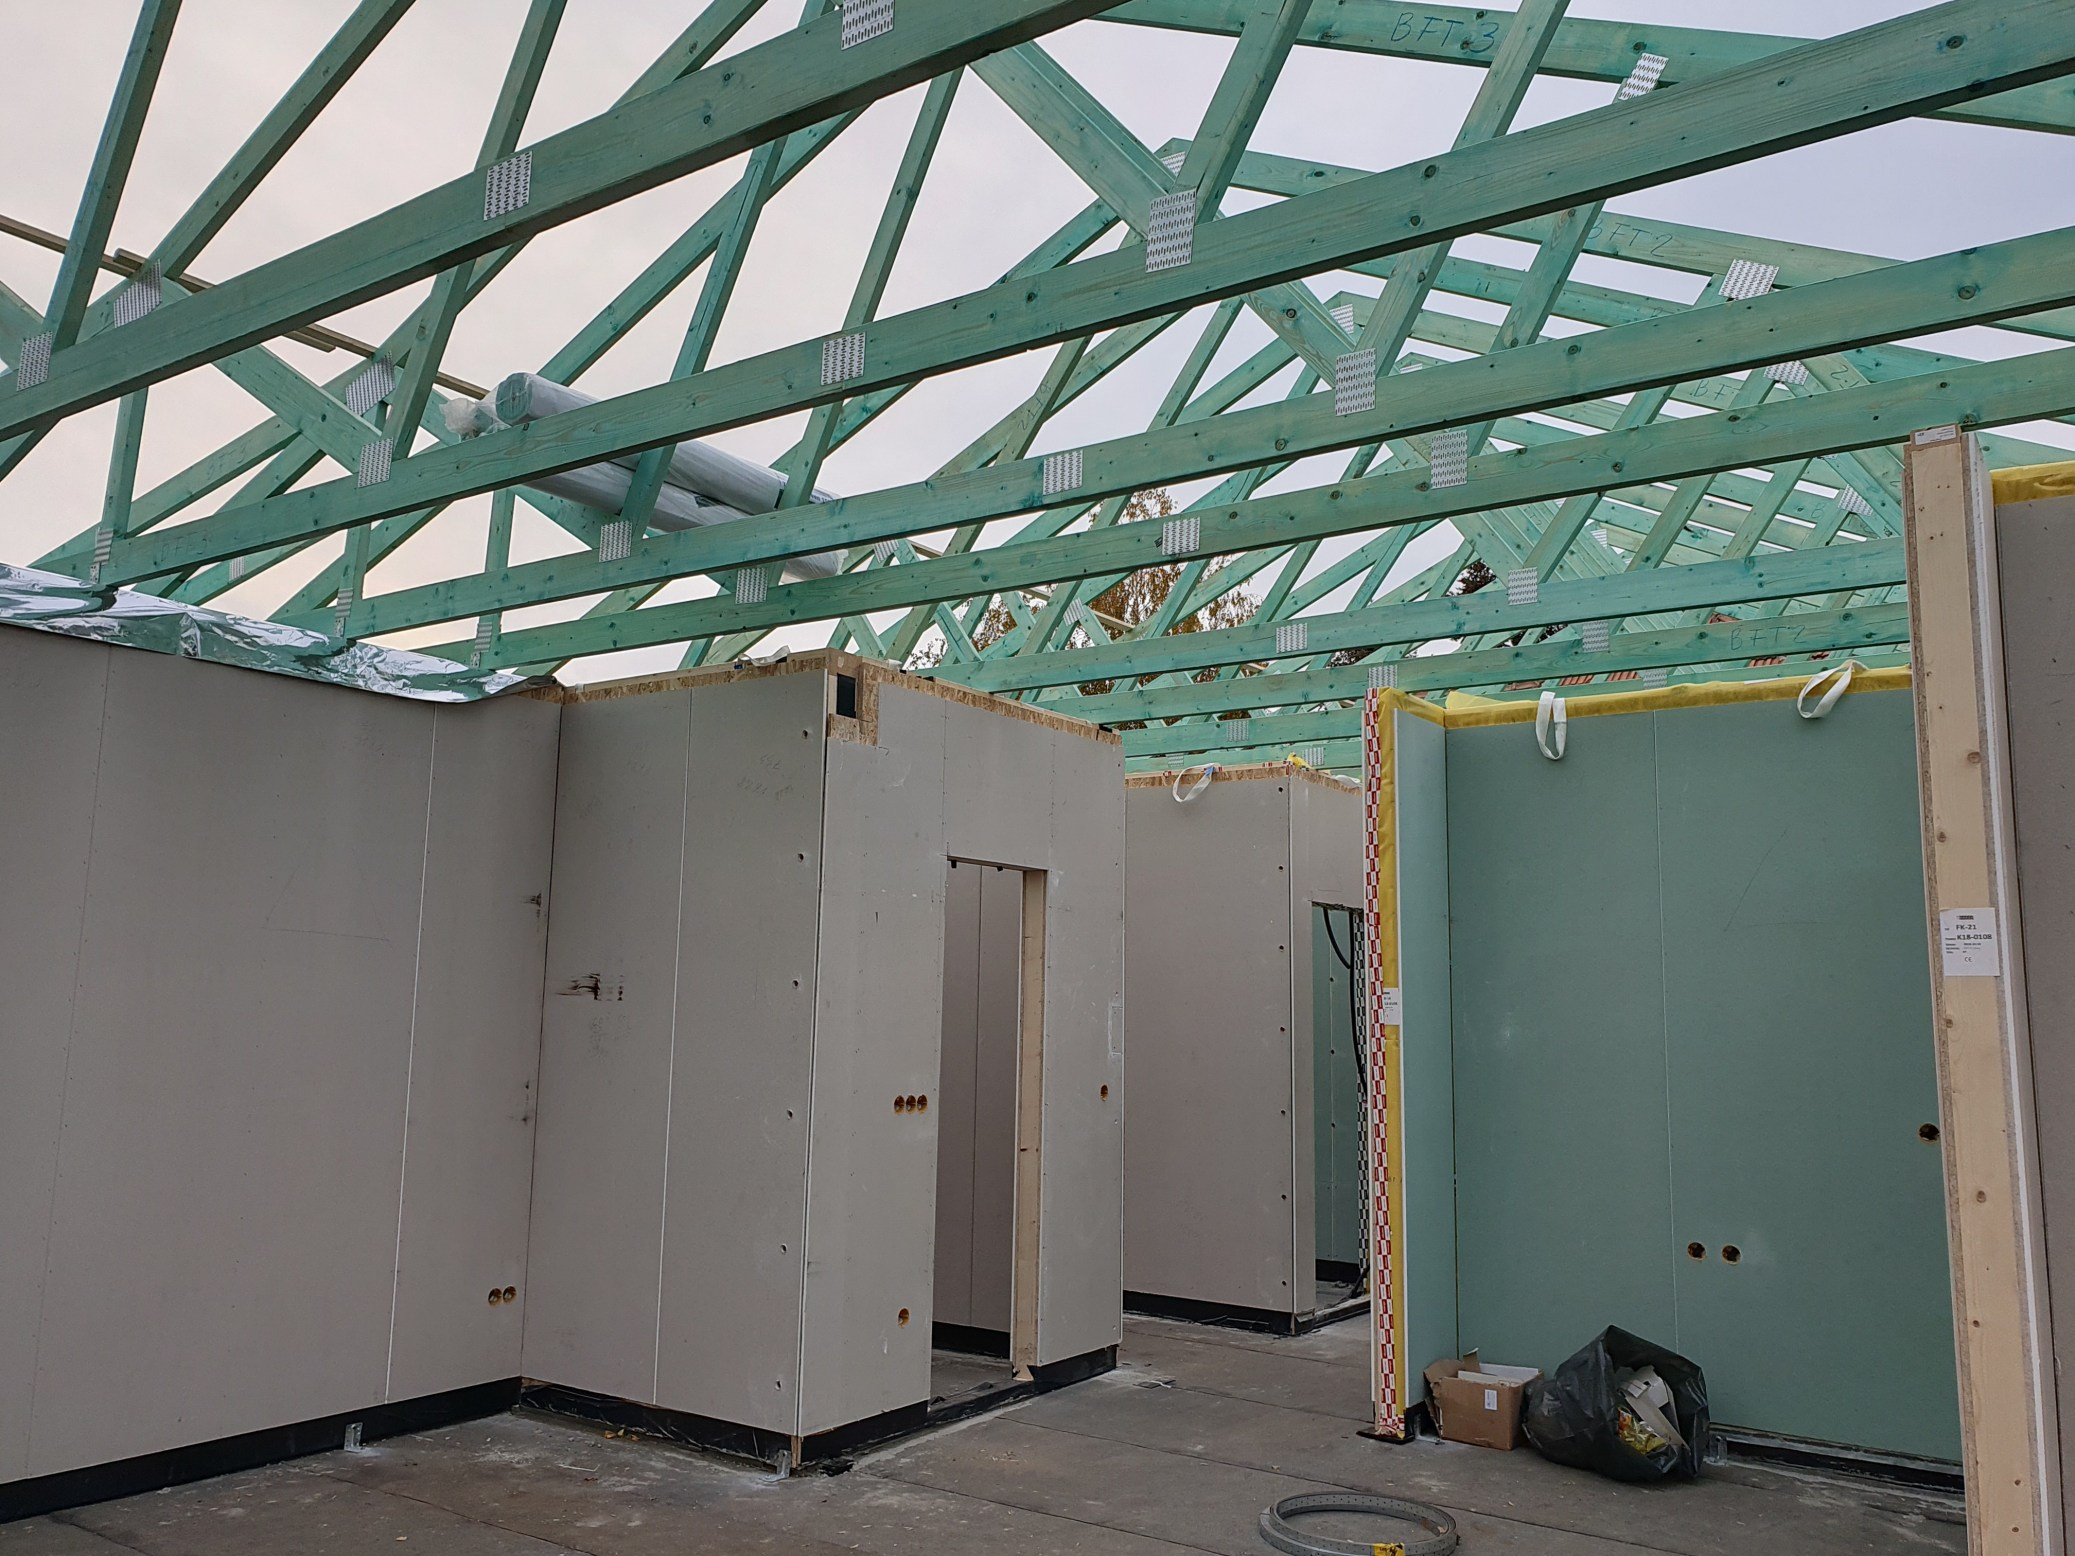 Photo of Családi ház falszerkezet és tetőszerkezet felépítése 15 óra alatt